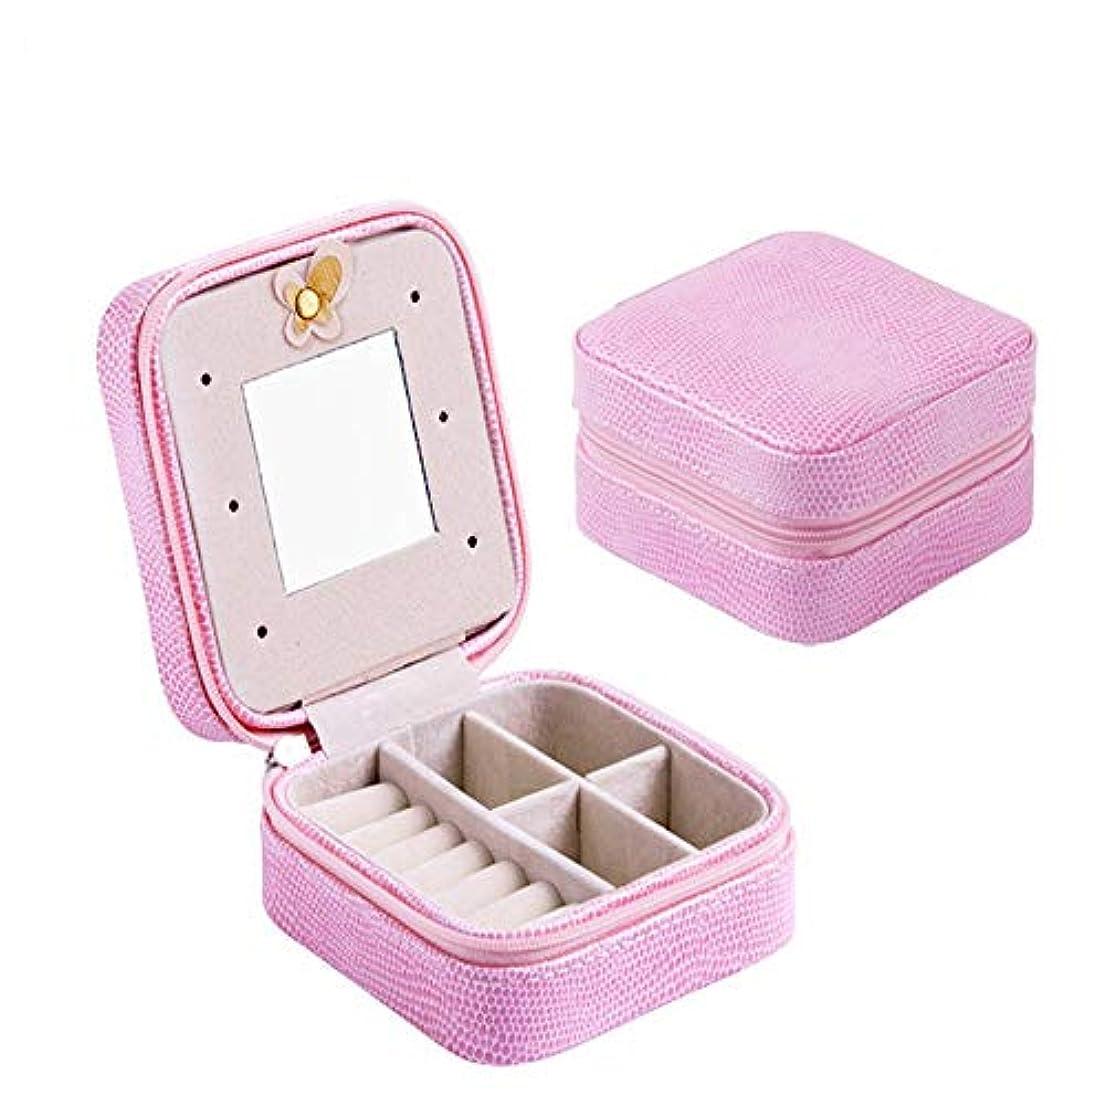 海外一貫した重荷化粧オーガナイザーバッグ 小さなアイテムのストレージのための丈夫な女性のジュエリーの収納ボックス 化粧品ケース (色 : C5)